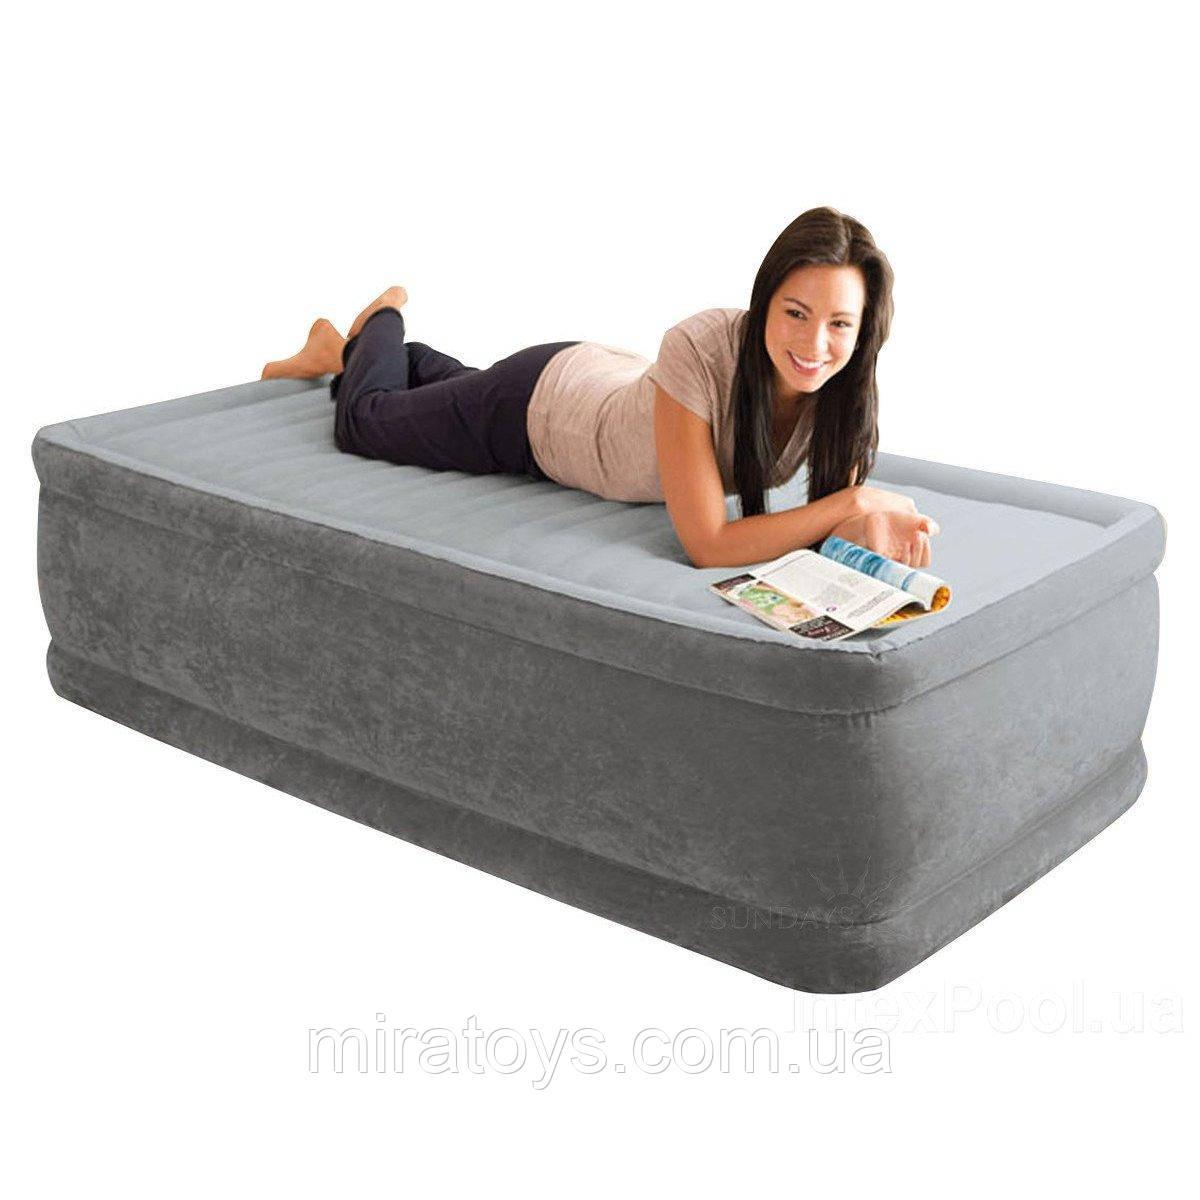 ✅Надувная кровать Intex 64412, 99 х 191 х 46 , встроенный электронасос. Односпальная